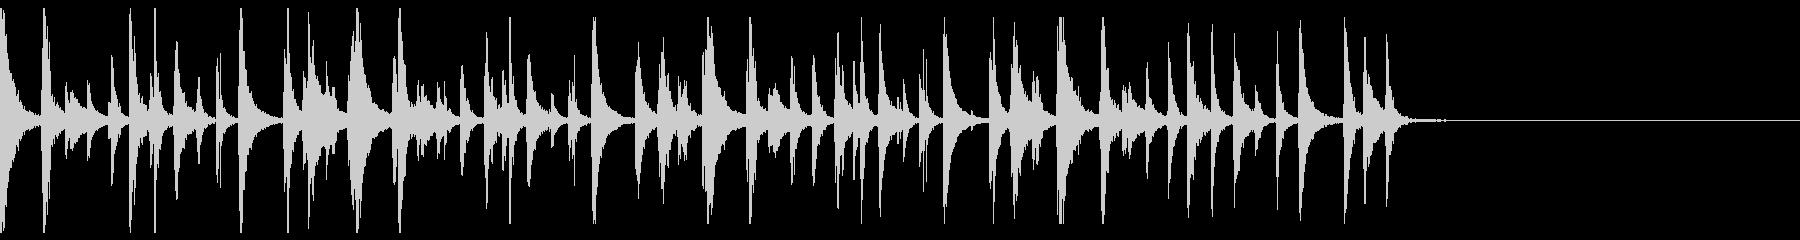 民族楽器なシンキングタイム音の未再生の波形